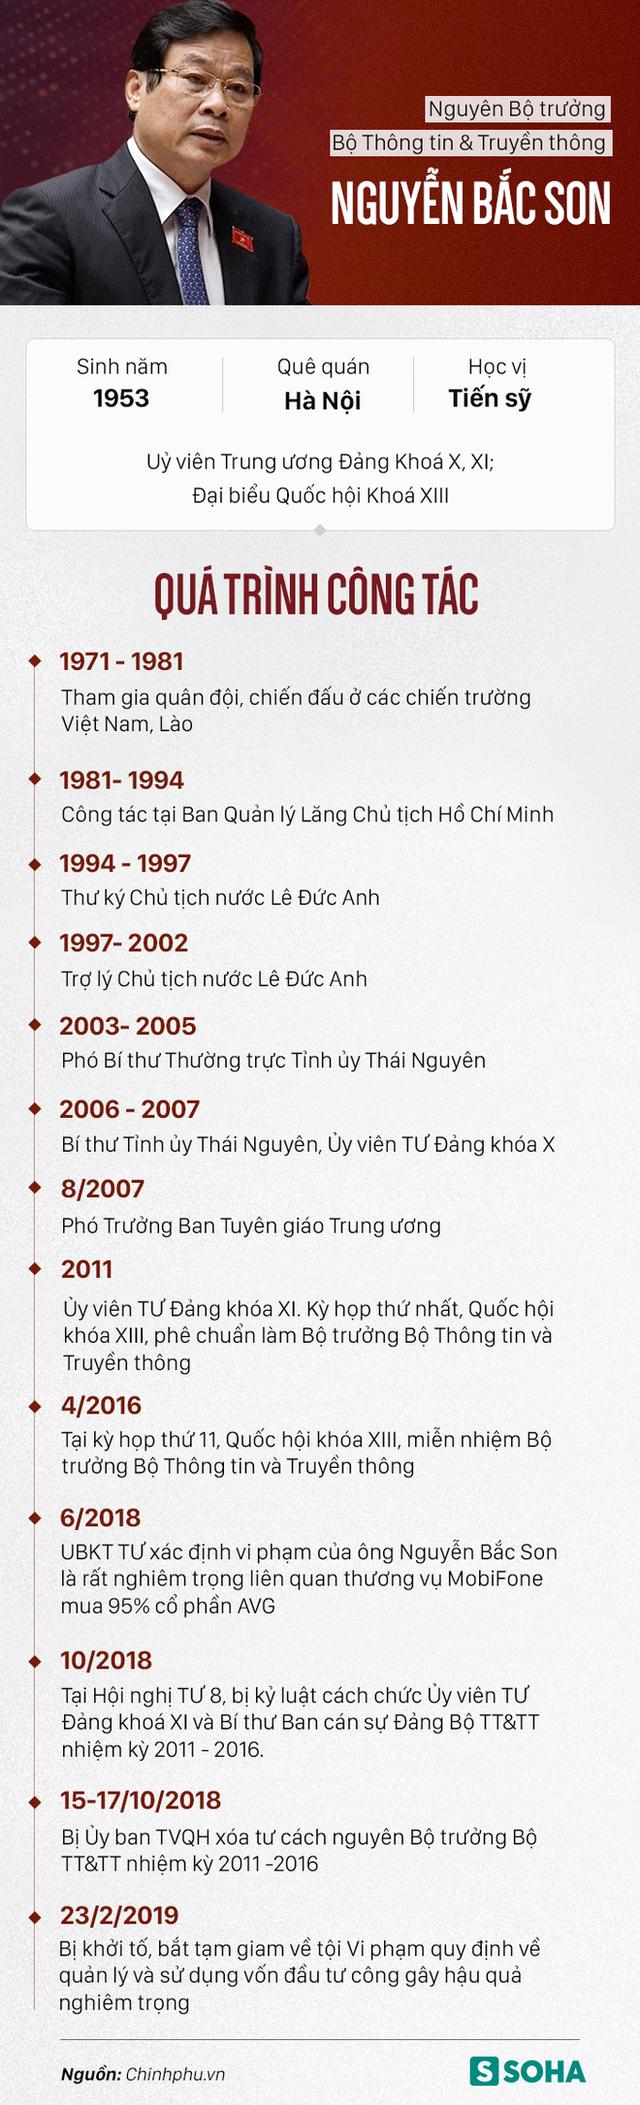 Sự nghiệp của hai cựu Bộ trưởng Nguyễn Bắc Son, Trương Minh Tuấn vừa bị bắt giam - Ảnh 1.